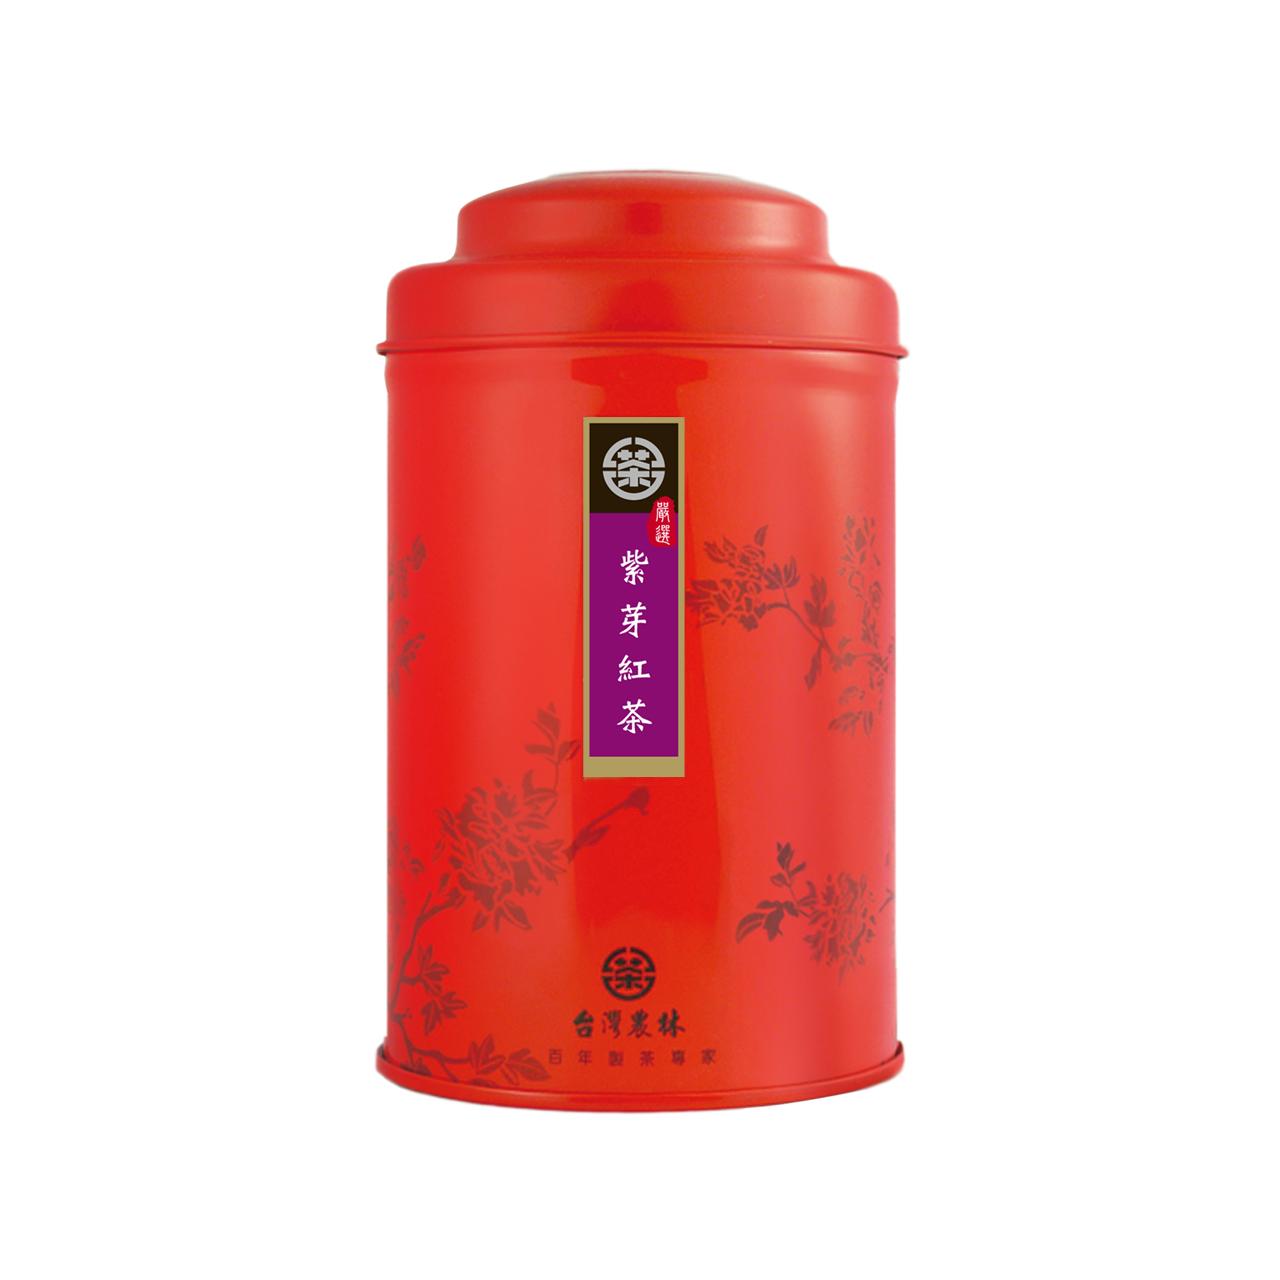 嚴選紫芽紅茶(50g)